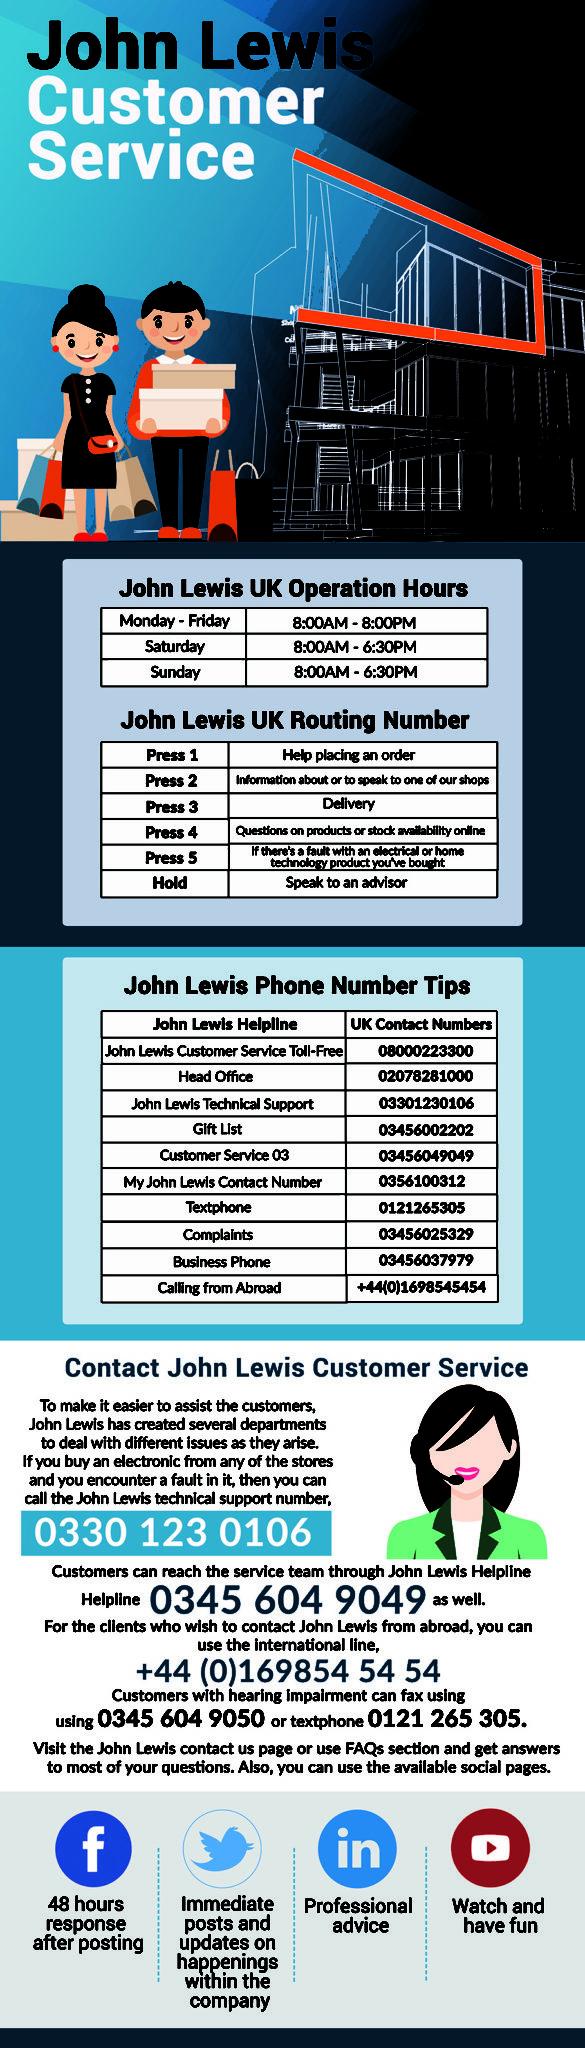 JOHN LEWIS Contact Number